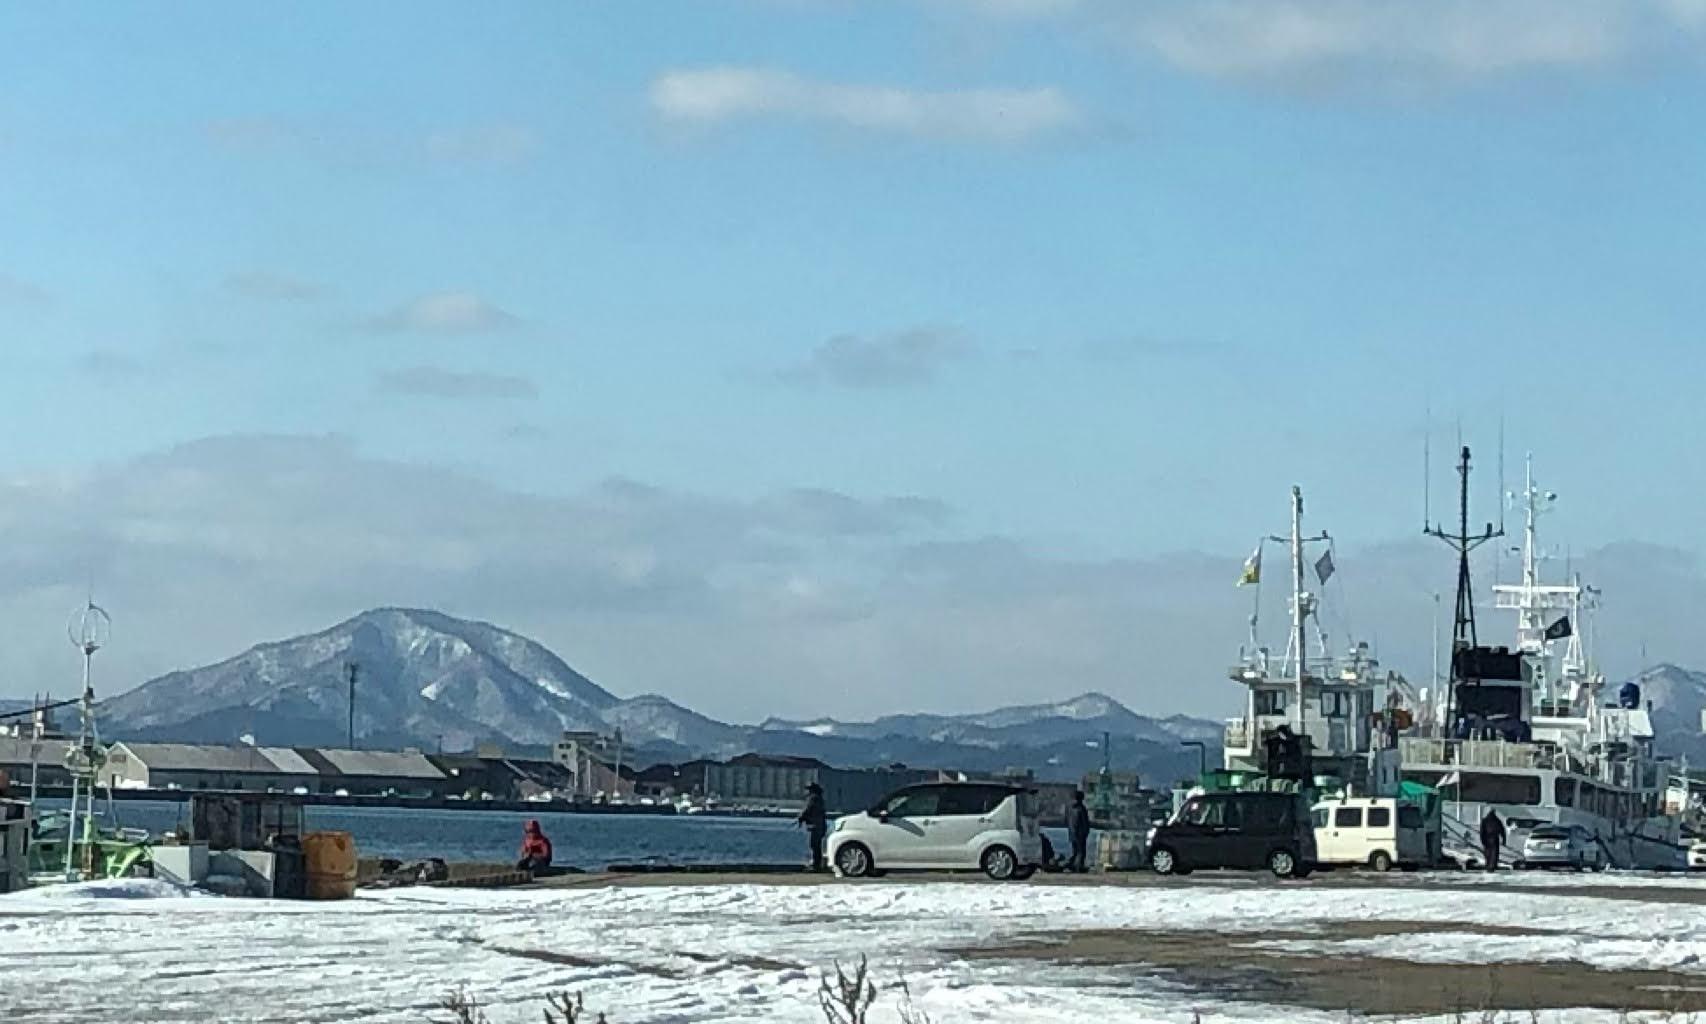 函館港海岸町船だまり(釣り)クリガニ